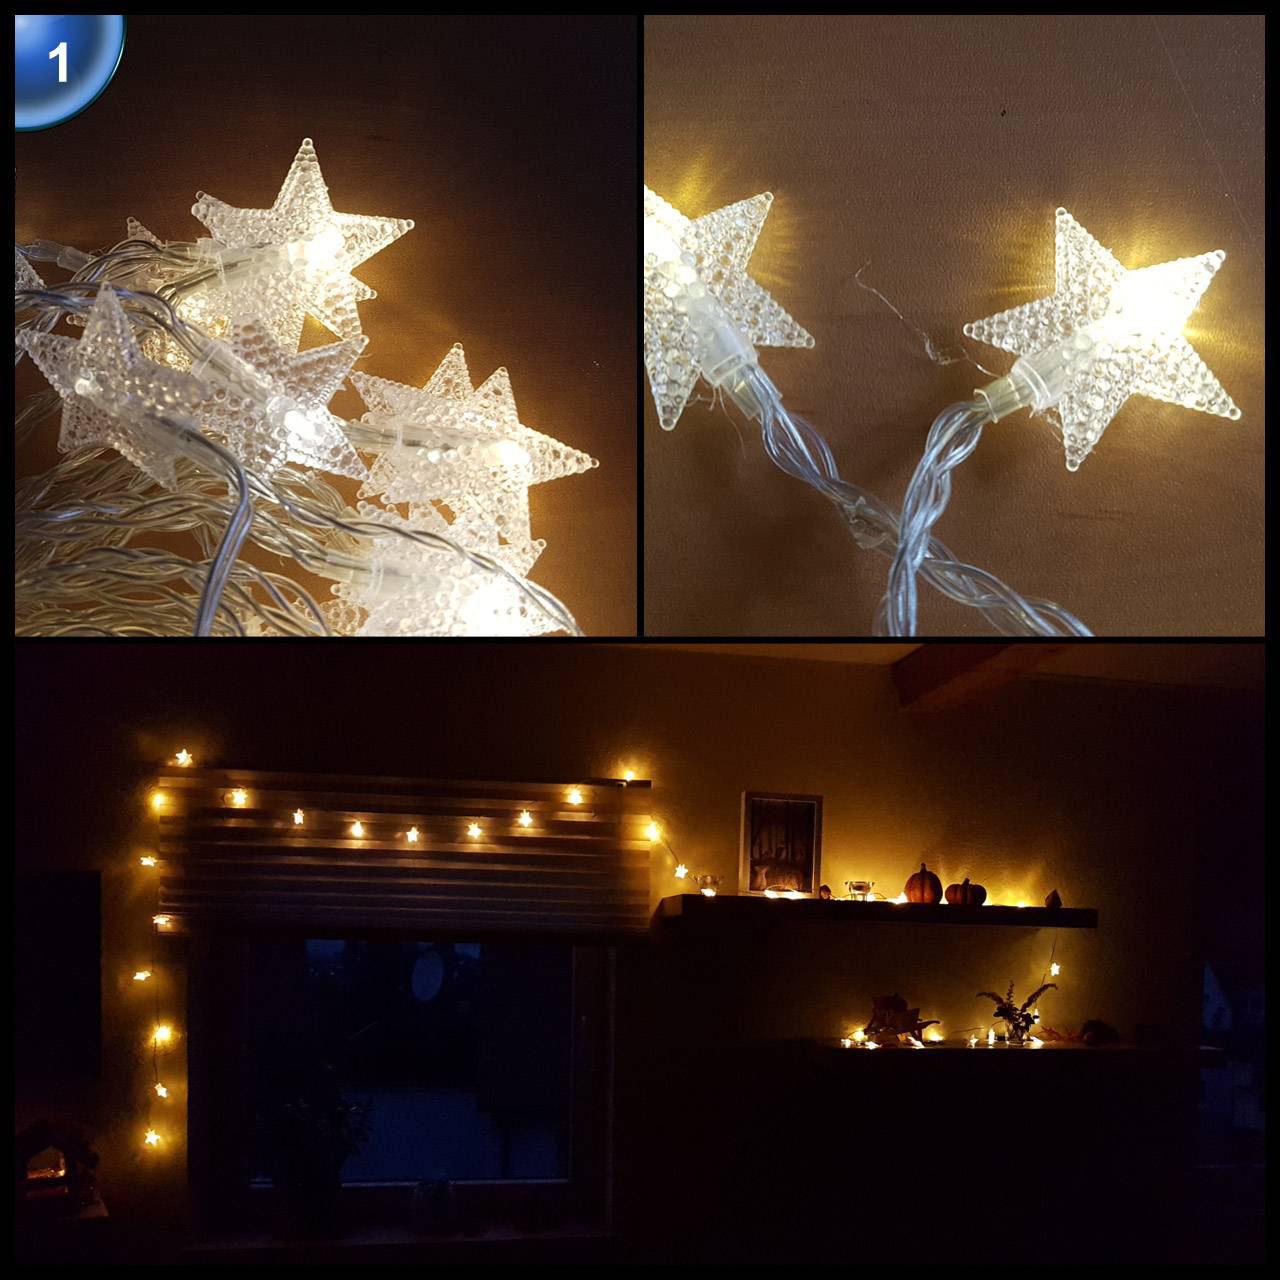 Bewertung parsion 40 leds sterne lichterkette kim bottenhorn - Led weihnachtsbeleuchtung mit fernbedienung ...